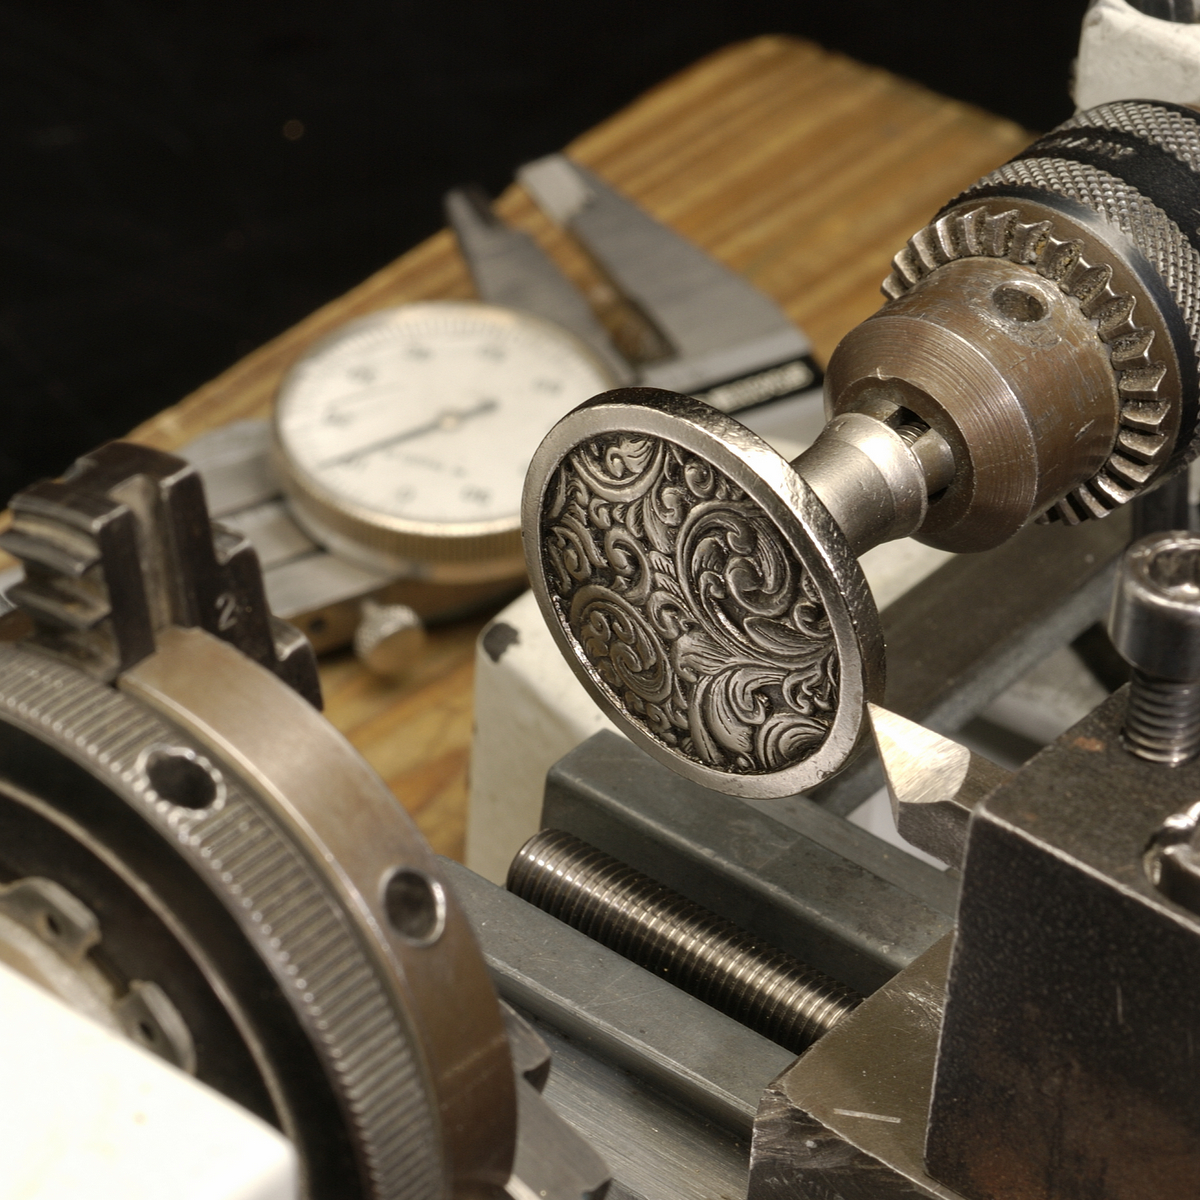 Saddleworth Knob on the lathe